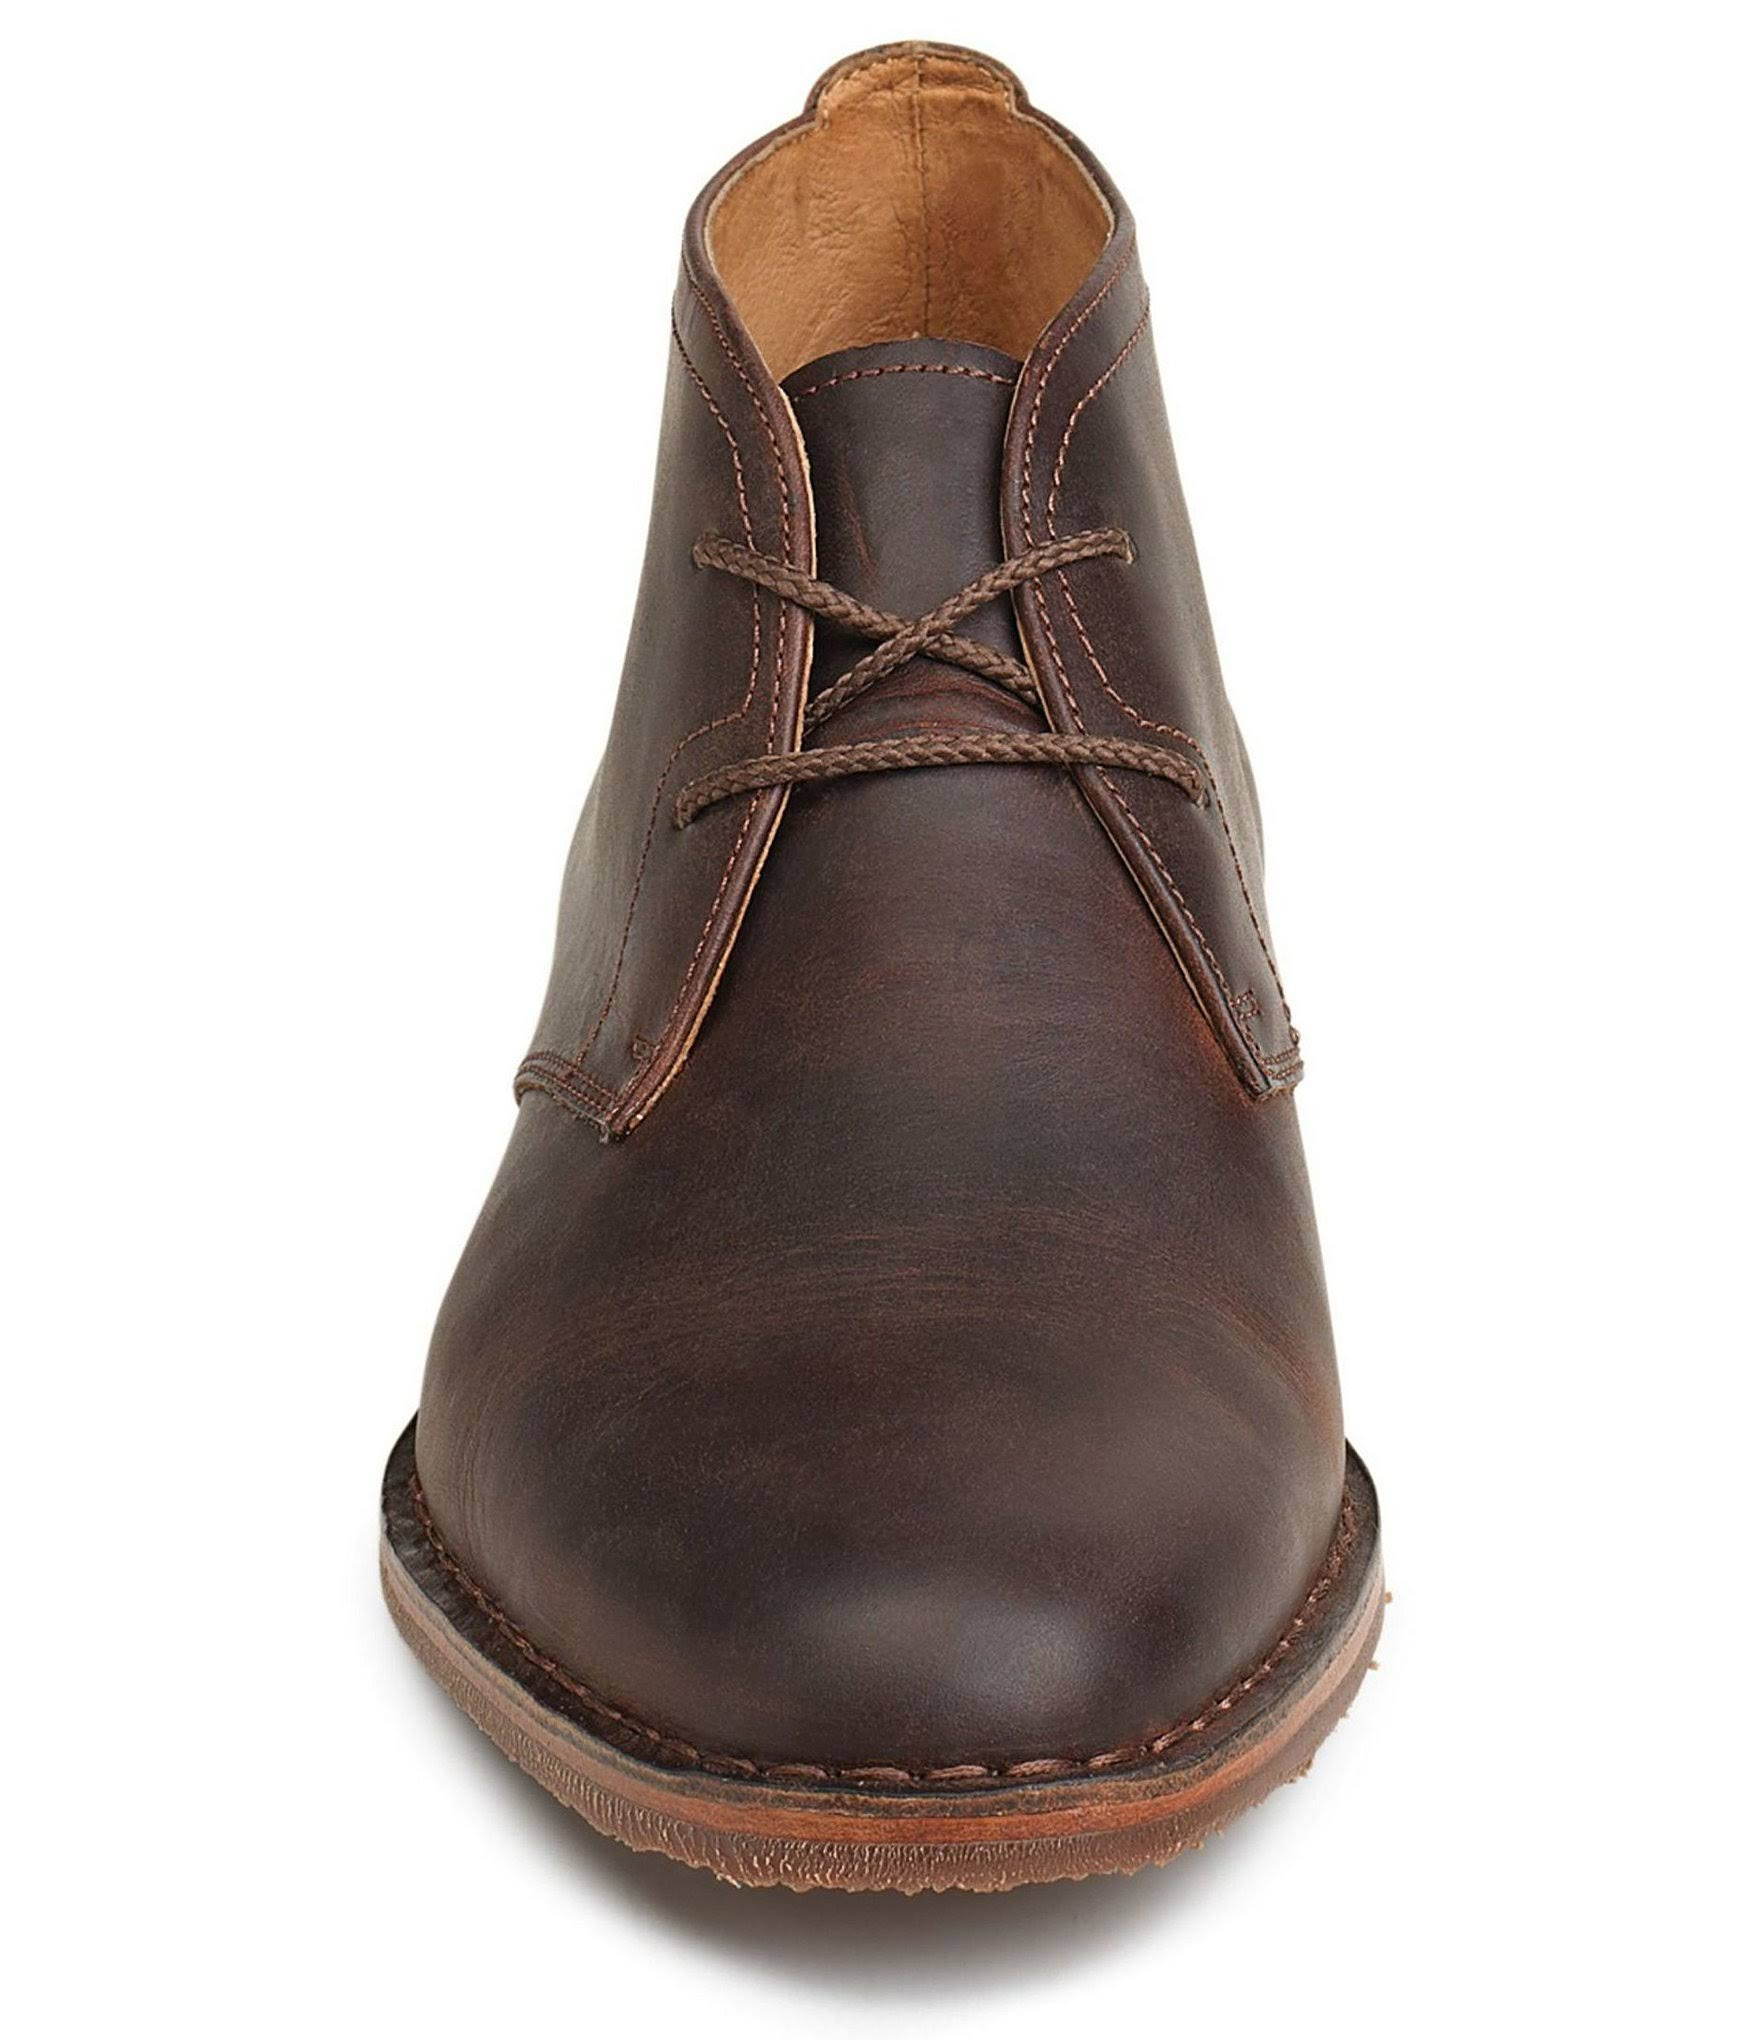 Trask Steer 11 Hombres American Engrasado Brady Calzado M Marrón Para rqrA0w